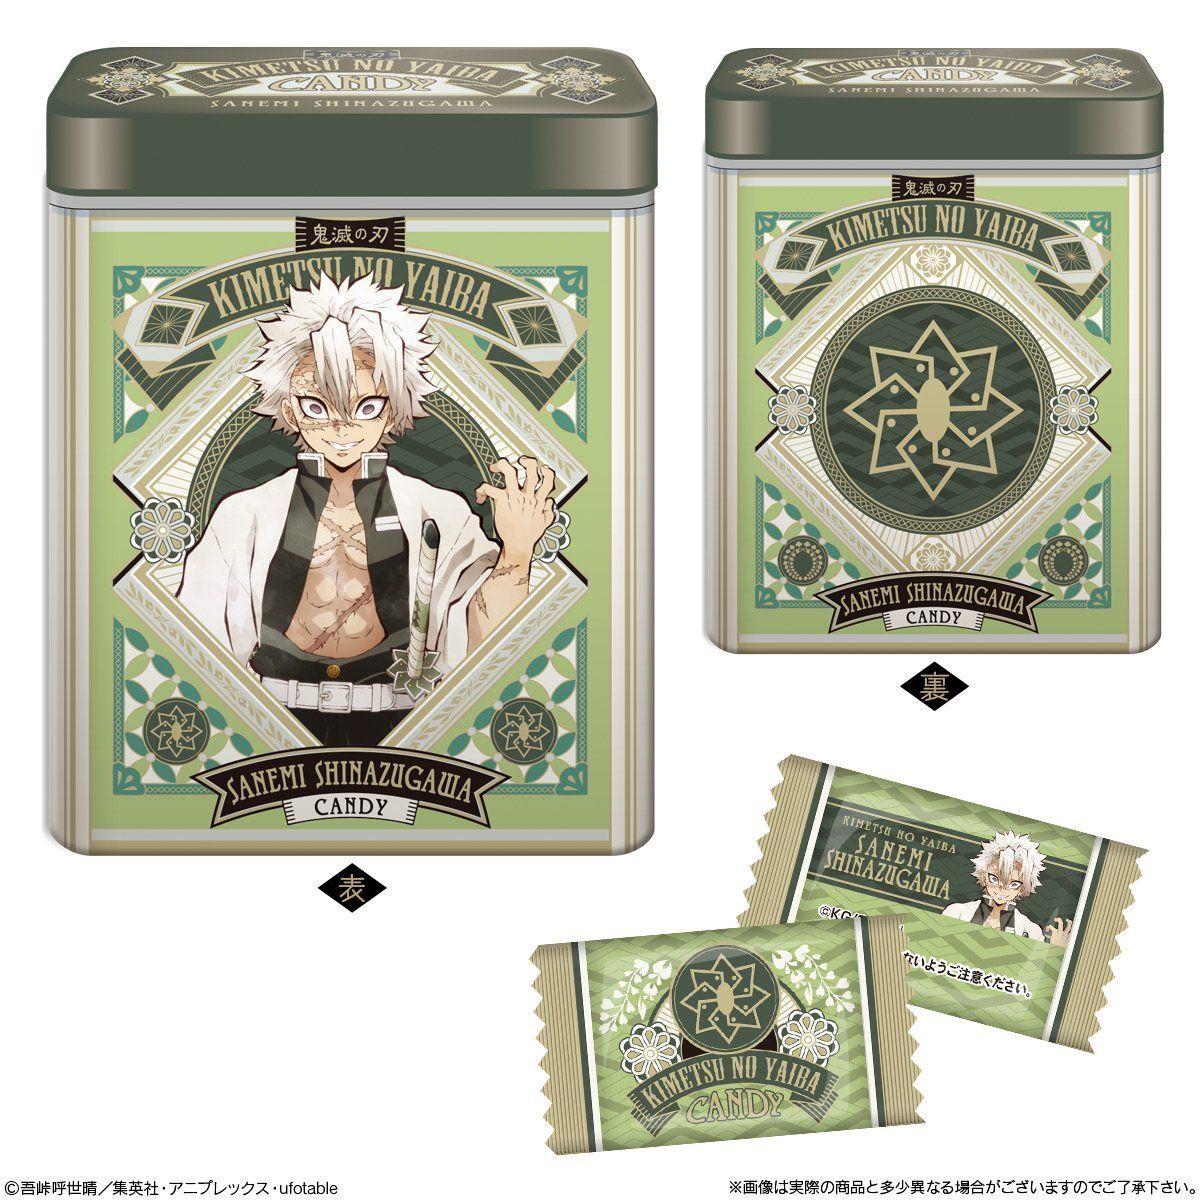 【食玩】『鬼滅の刃 CANDY缶コレクション2』12個入りBOX-009